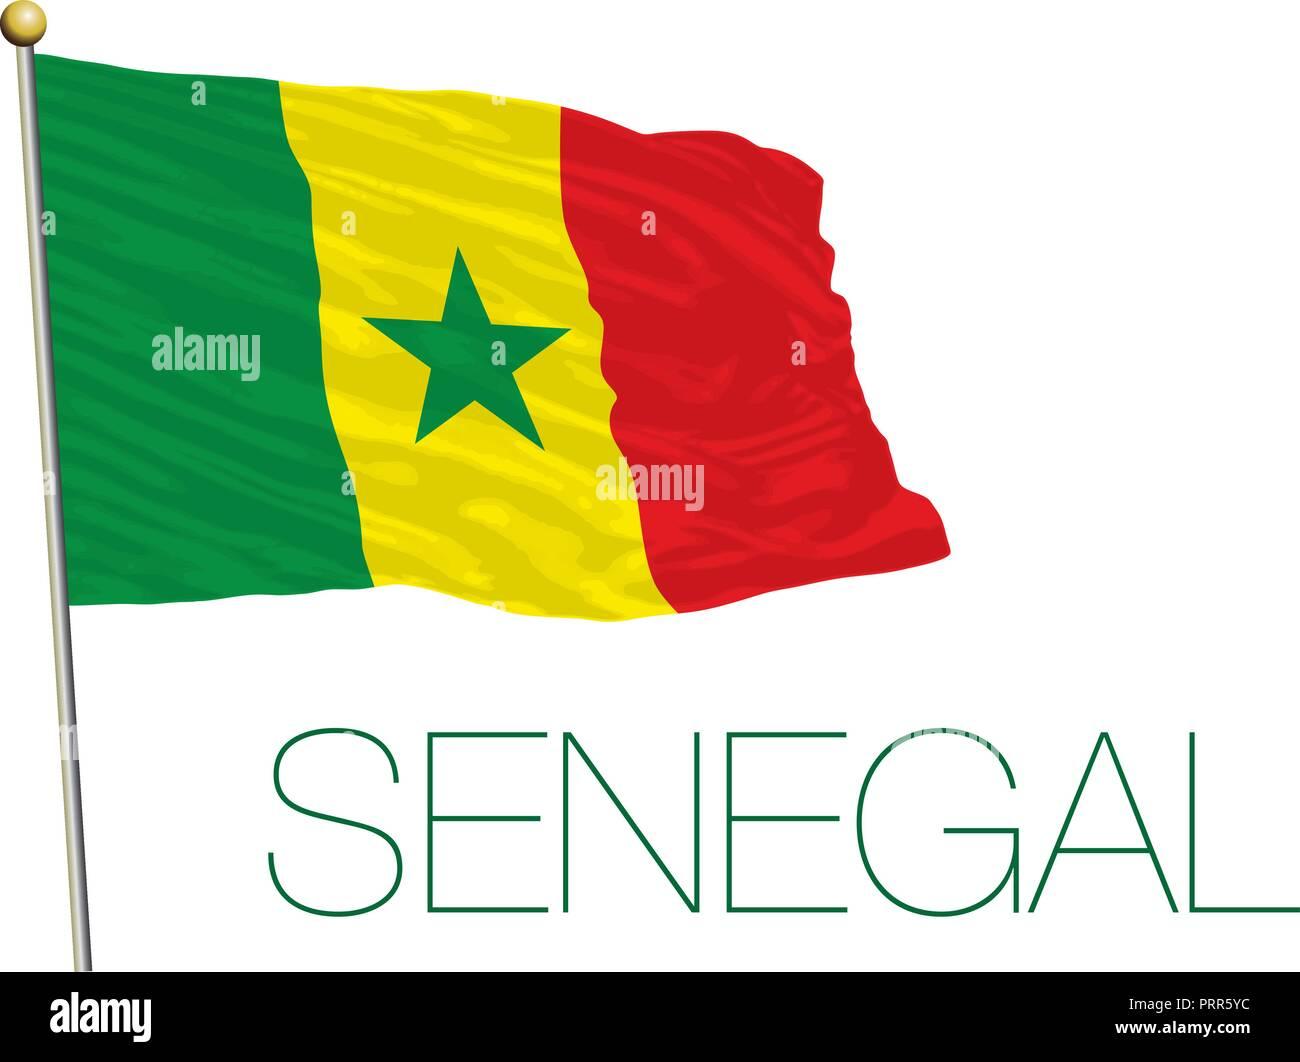 Senegal Bandera Oficial Ilustración Vectorial Ilustración